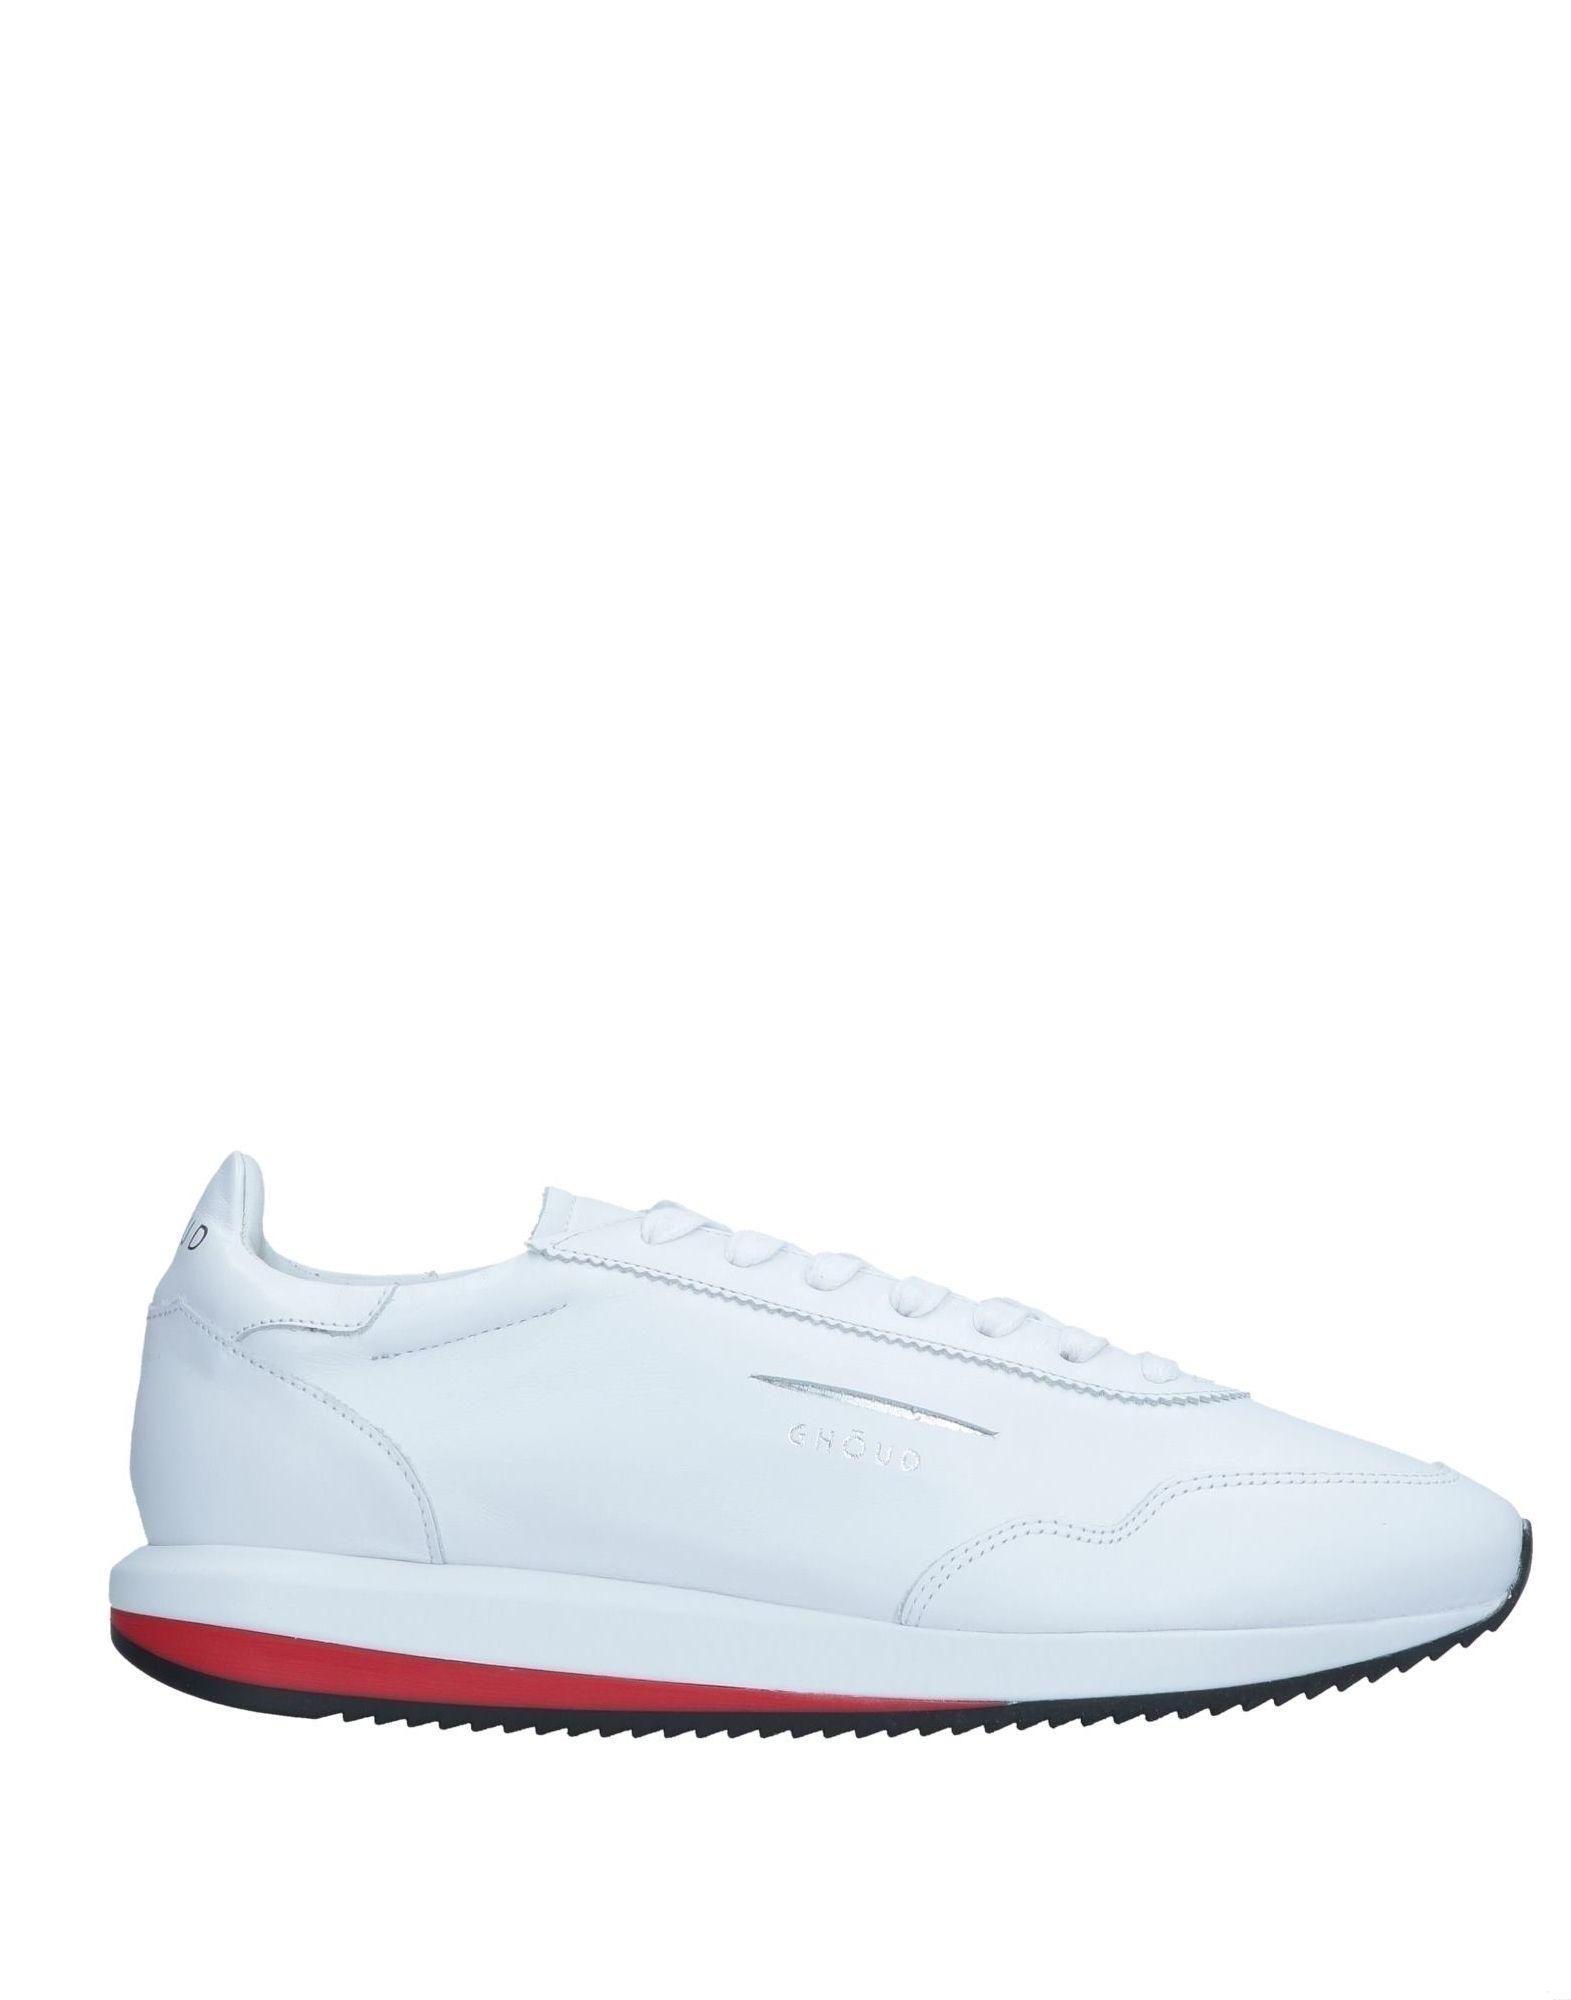 Sneakers Ghōud Venice Homme - Sneakers Ghōud Venice  Blanc Spécial temps limité